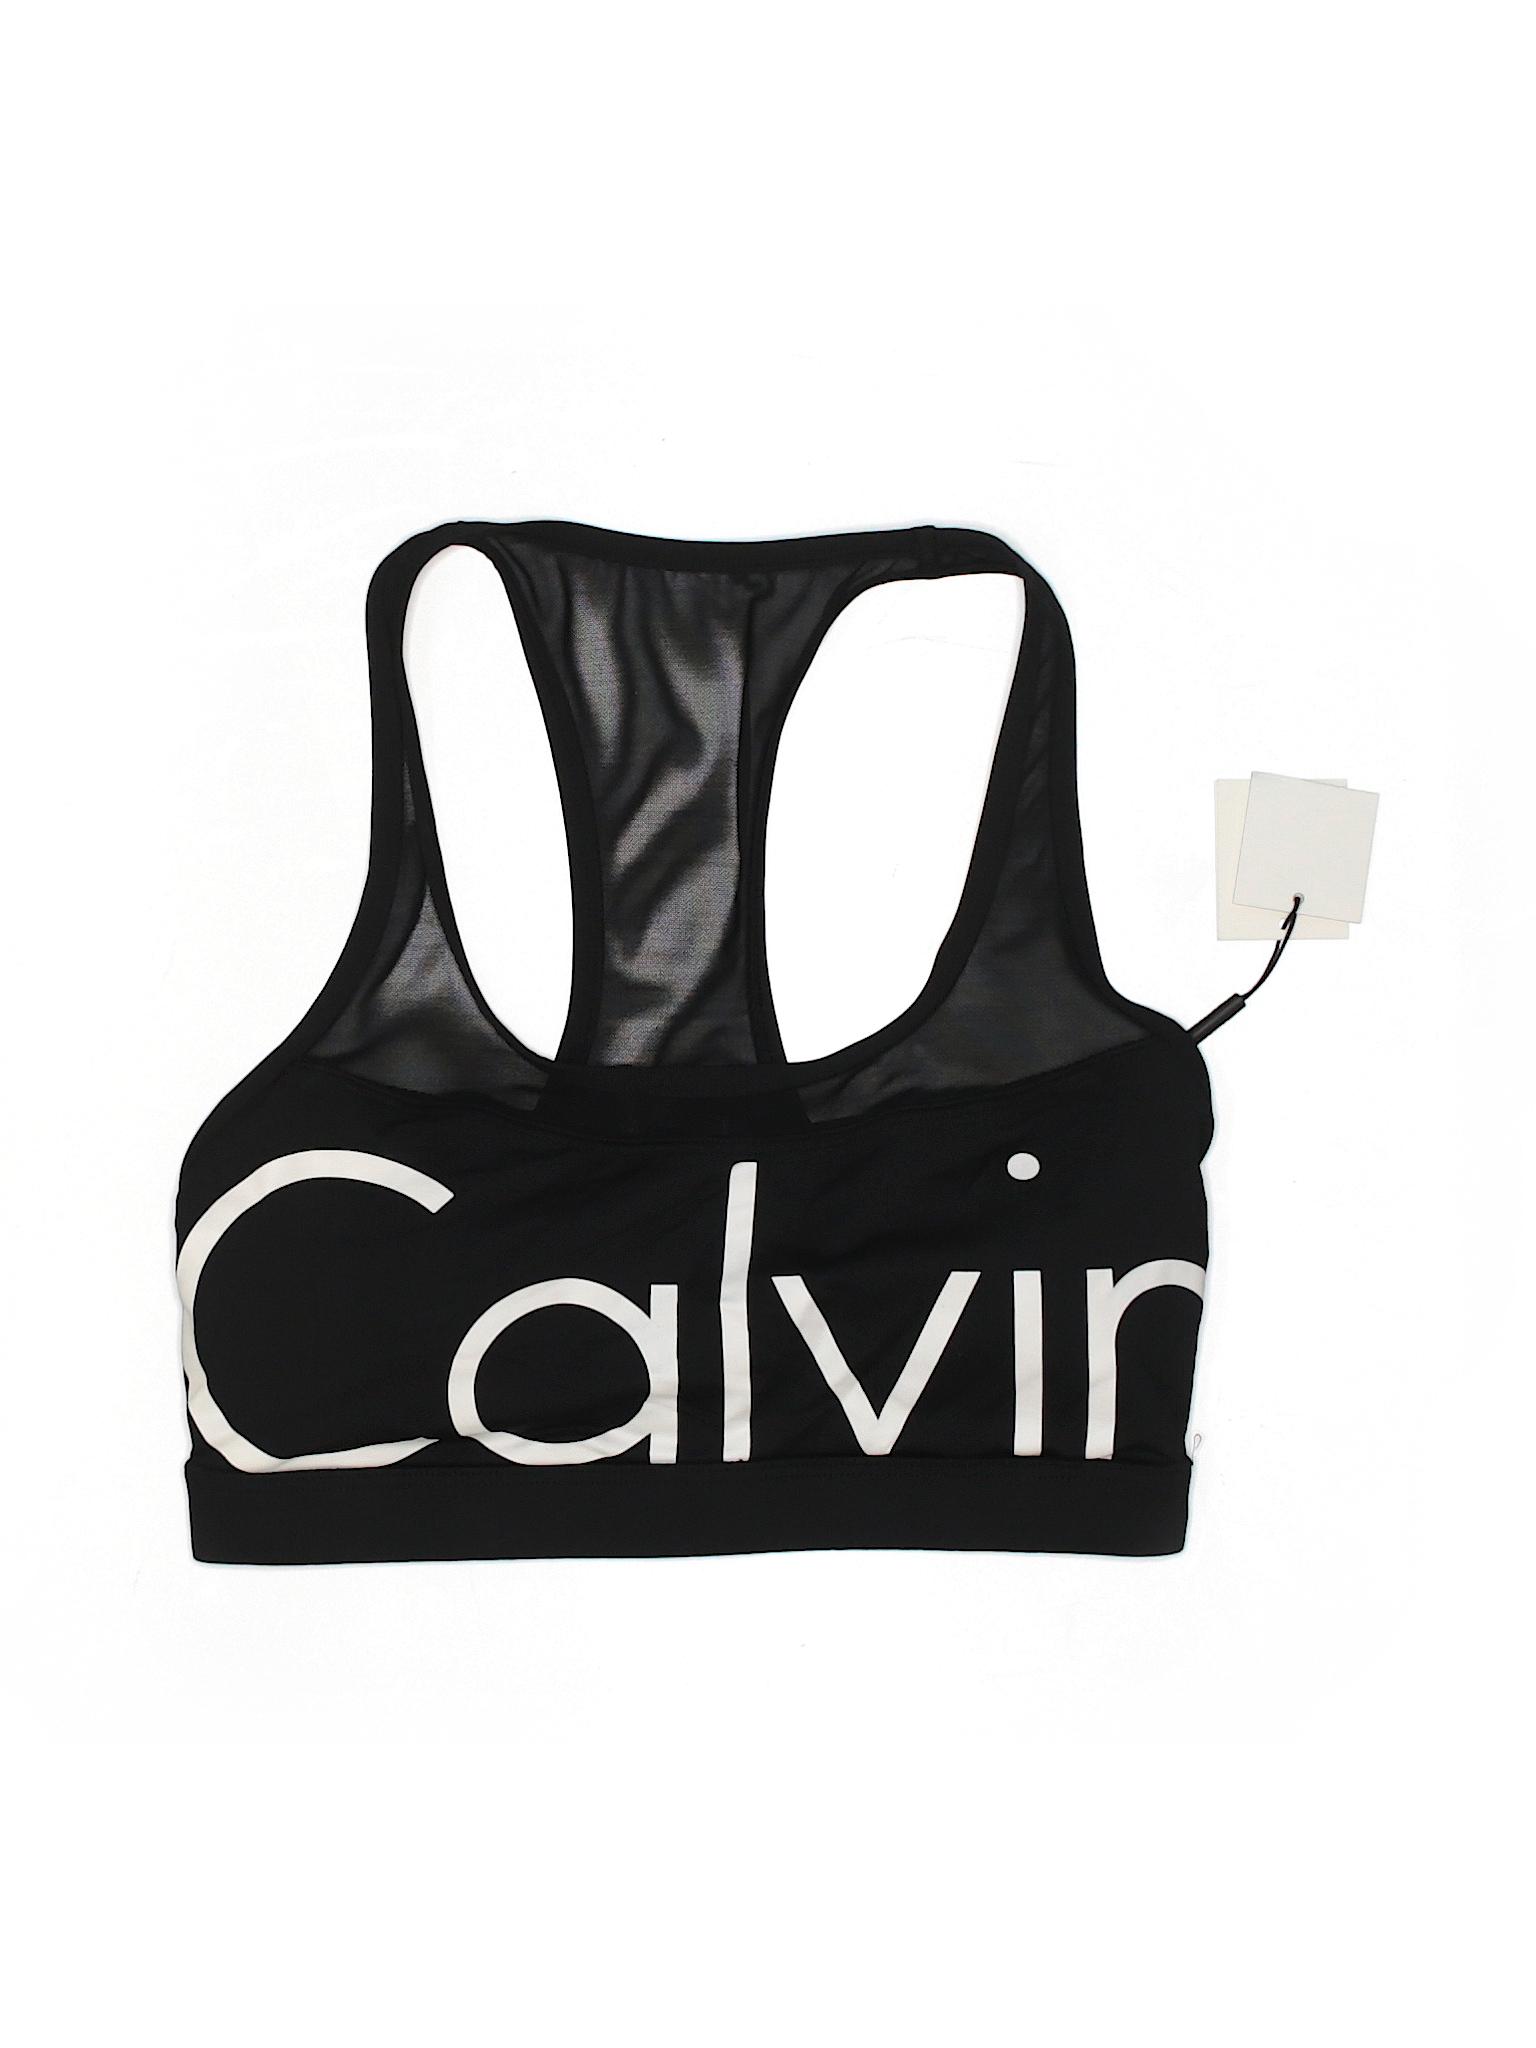 Boutique Calvin Calvin Klein Boutique Top Klein Klein Top Calvin Swimsuit Swimsuit Swimsuit Boutique USfCqp